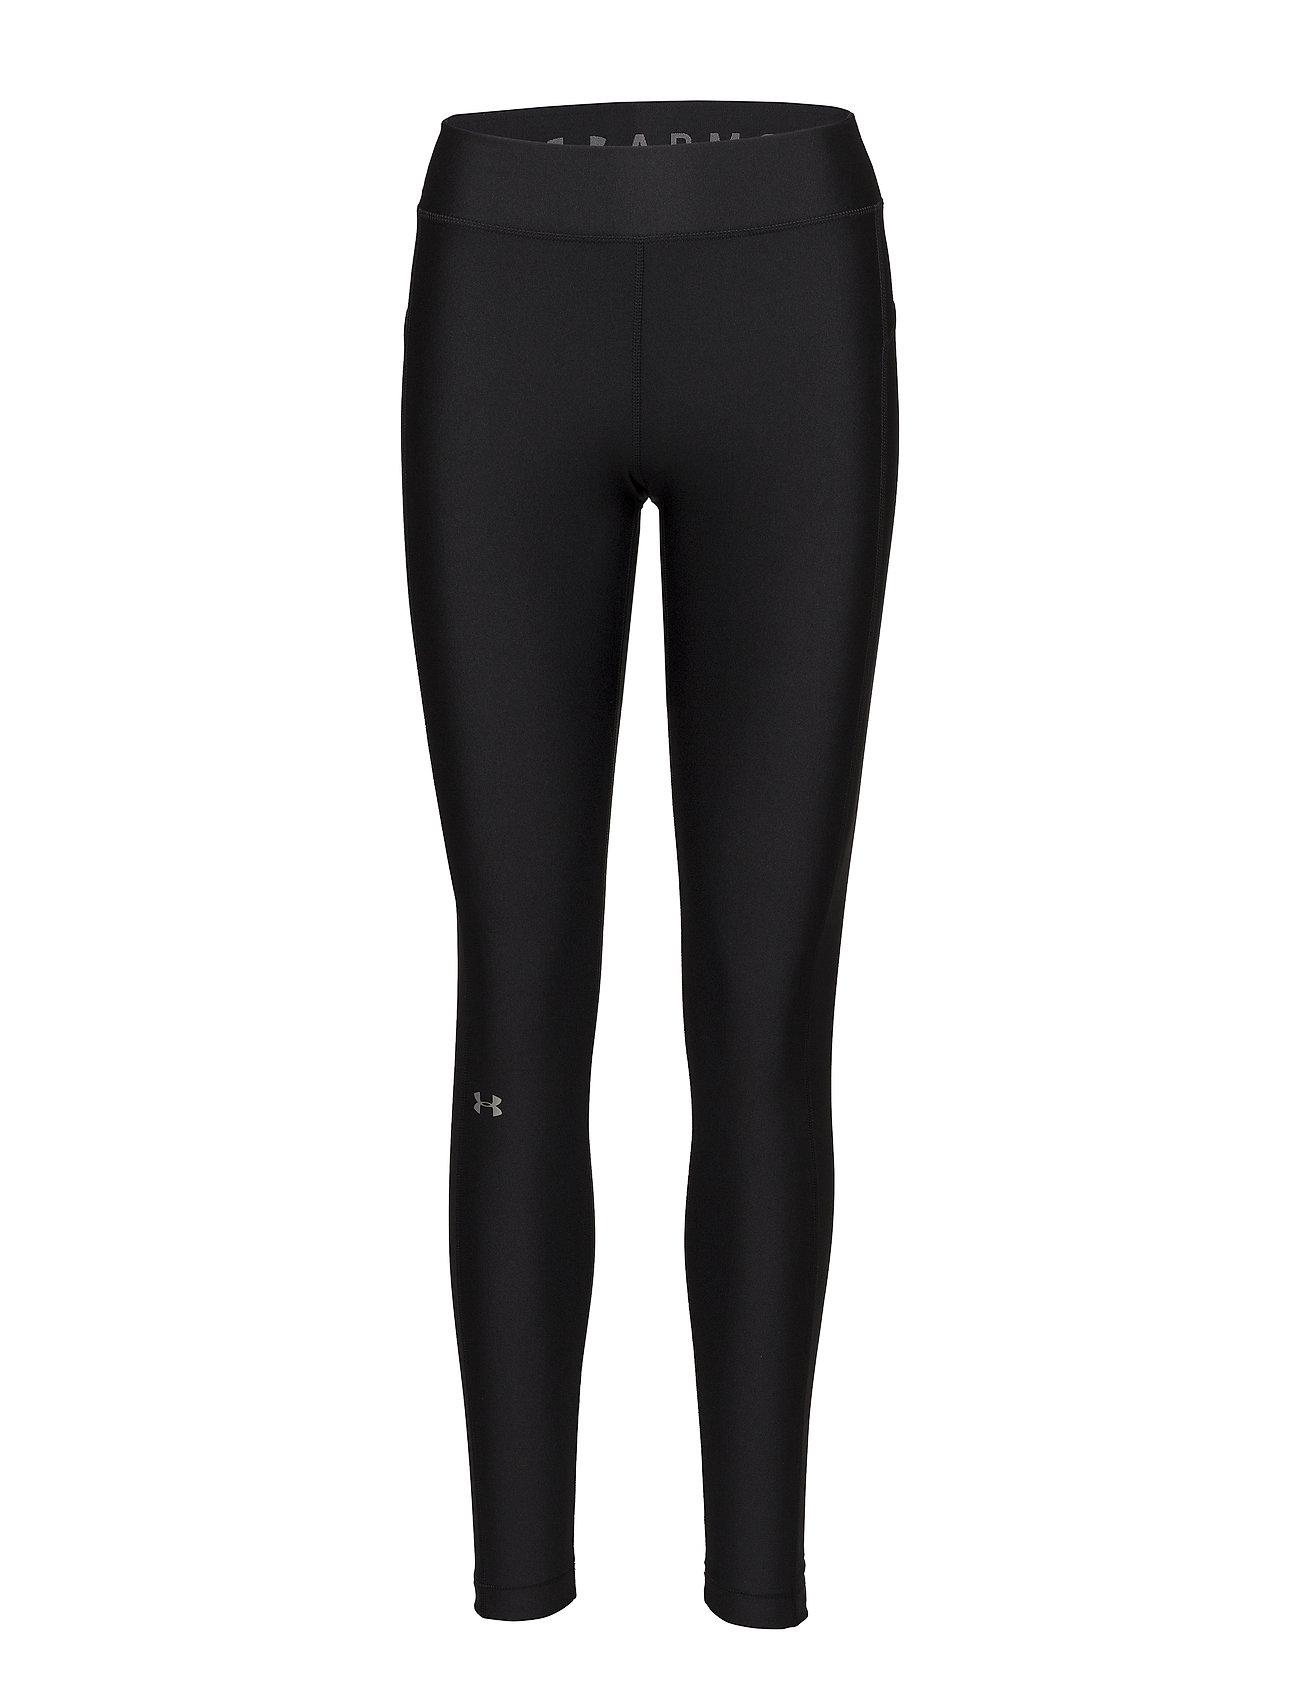 b16c51a5 Ua Hg Armour Legging (Black) (499 kr) - Under Armour - | Boozt.com